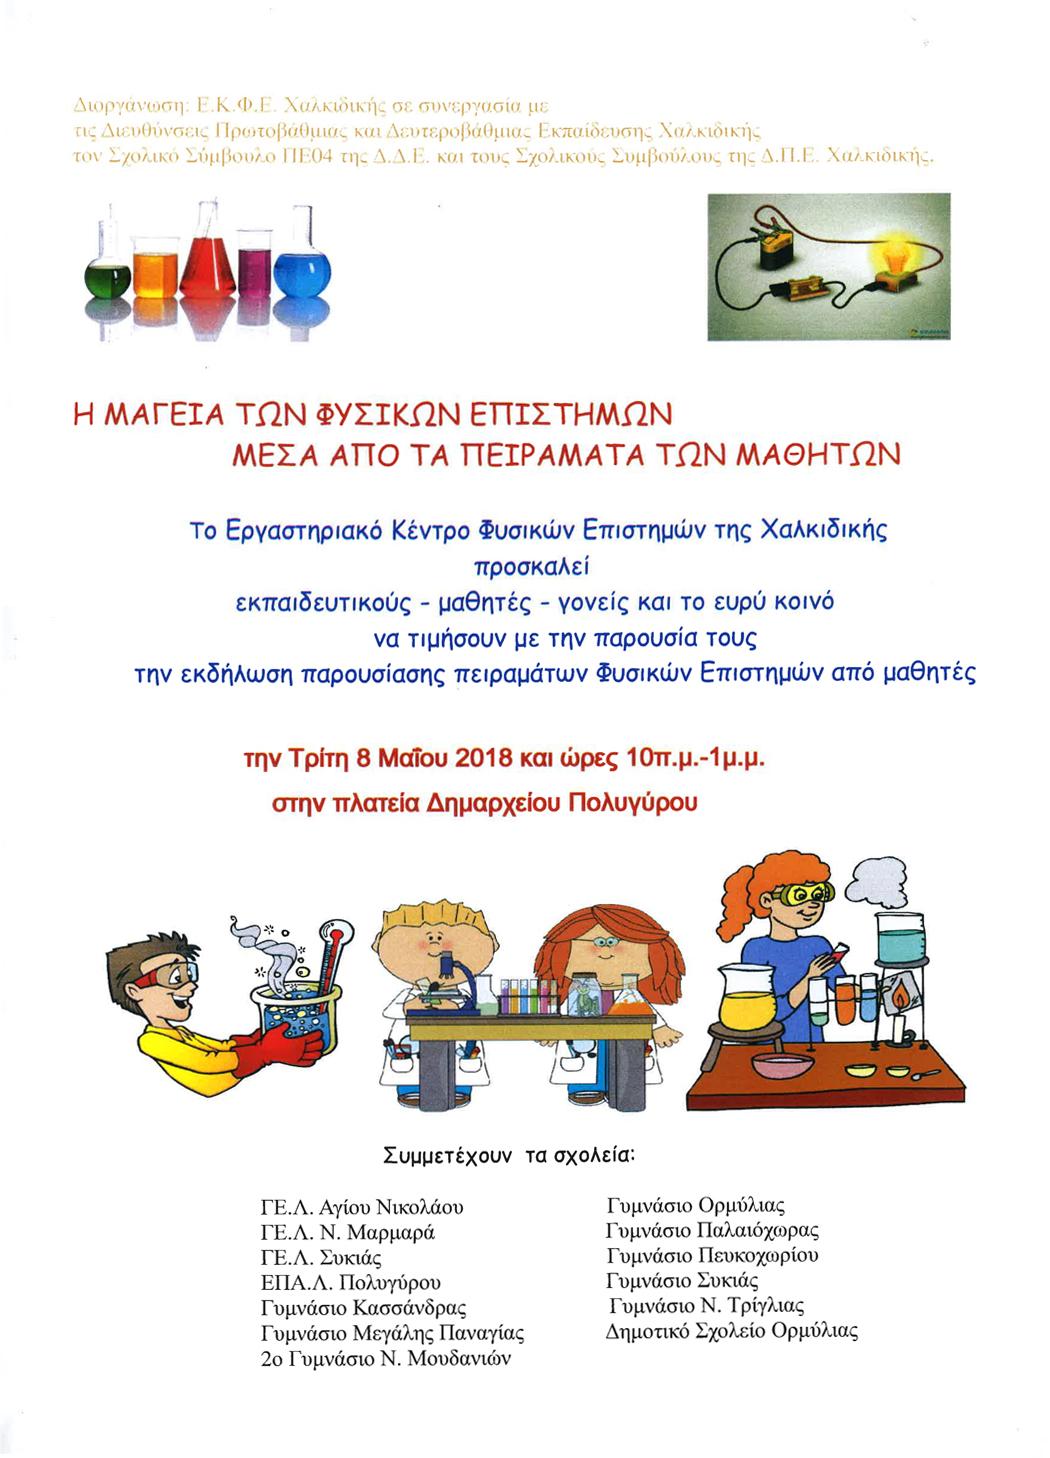 Πειράματα  Φυσικής στο προαύλιο του Δημαρχείου Πολυγύρου